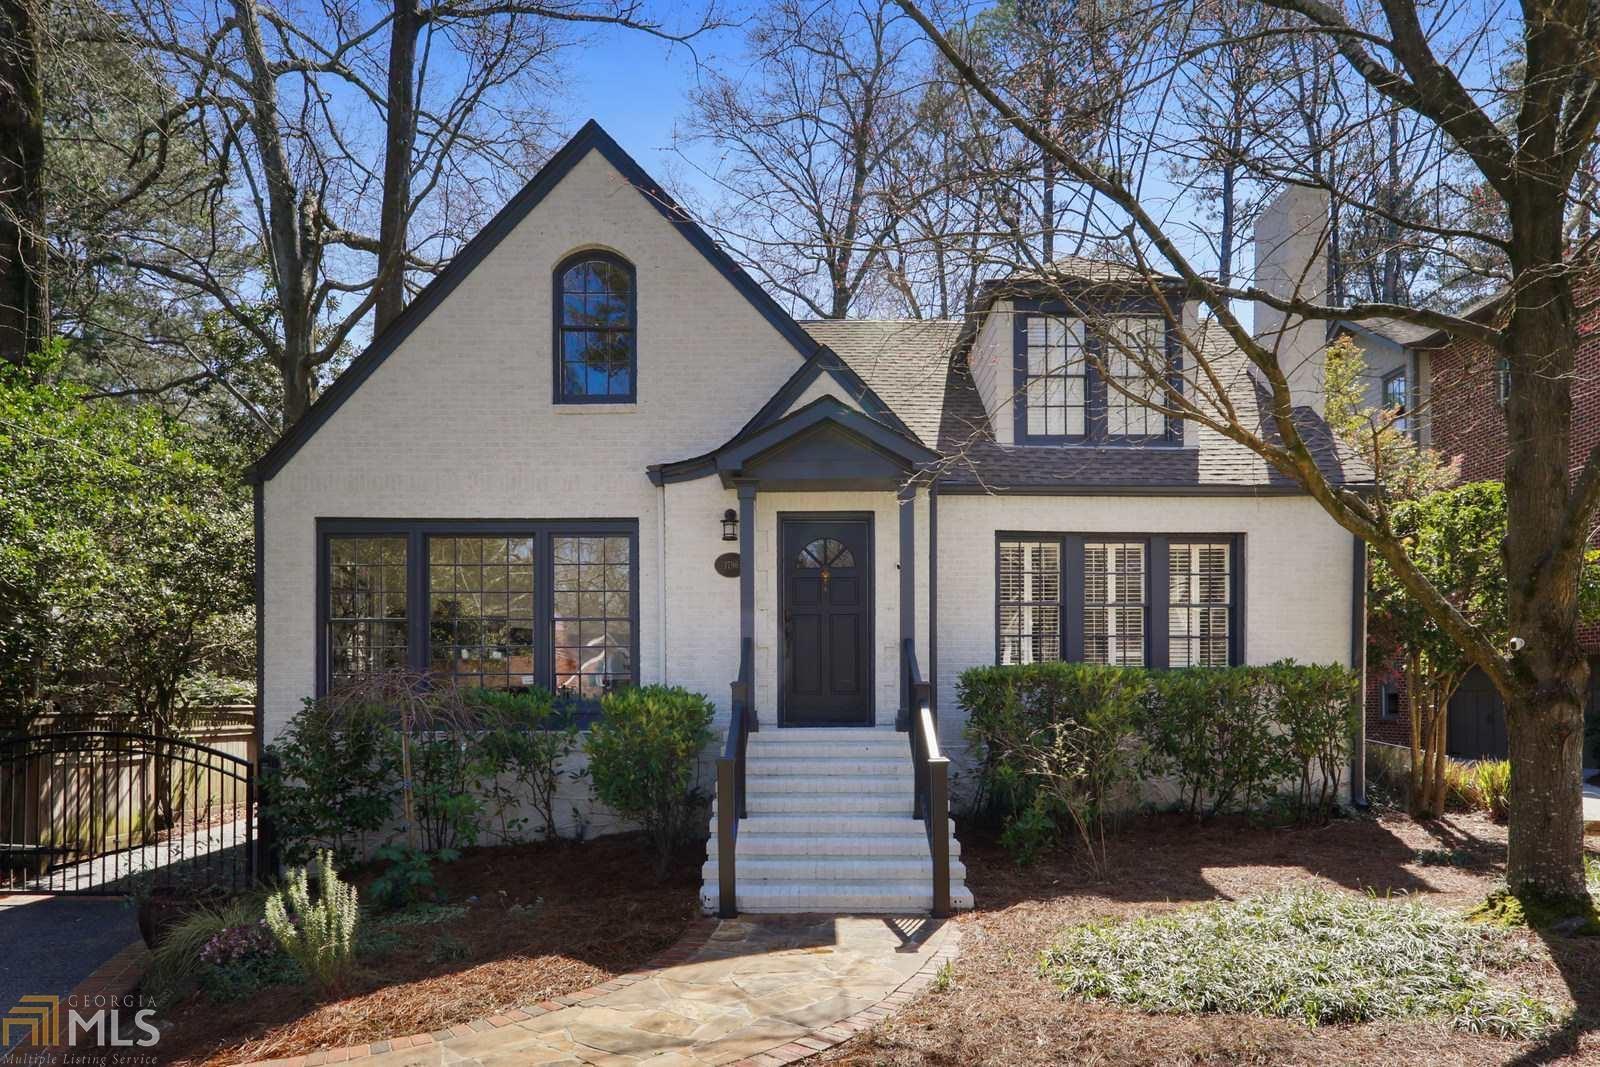 1796 NE Meadowdale Ave, Atlanta, GA 30306 - #: 8748988